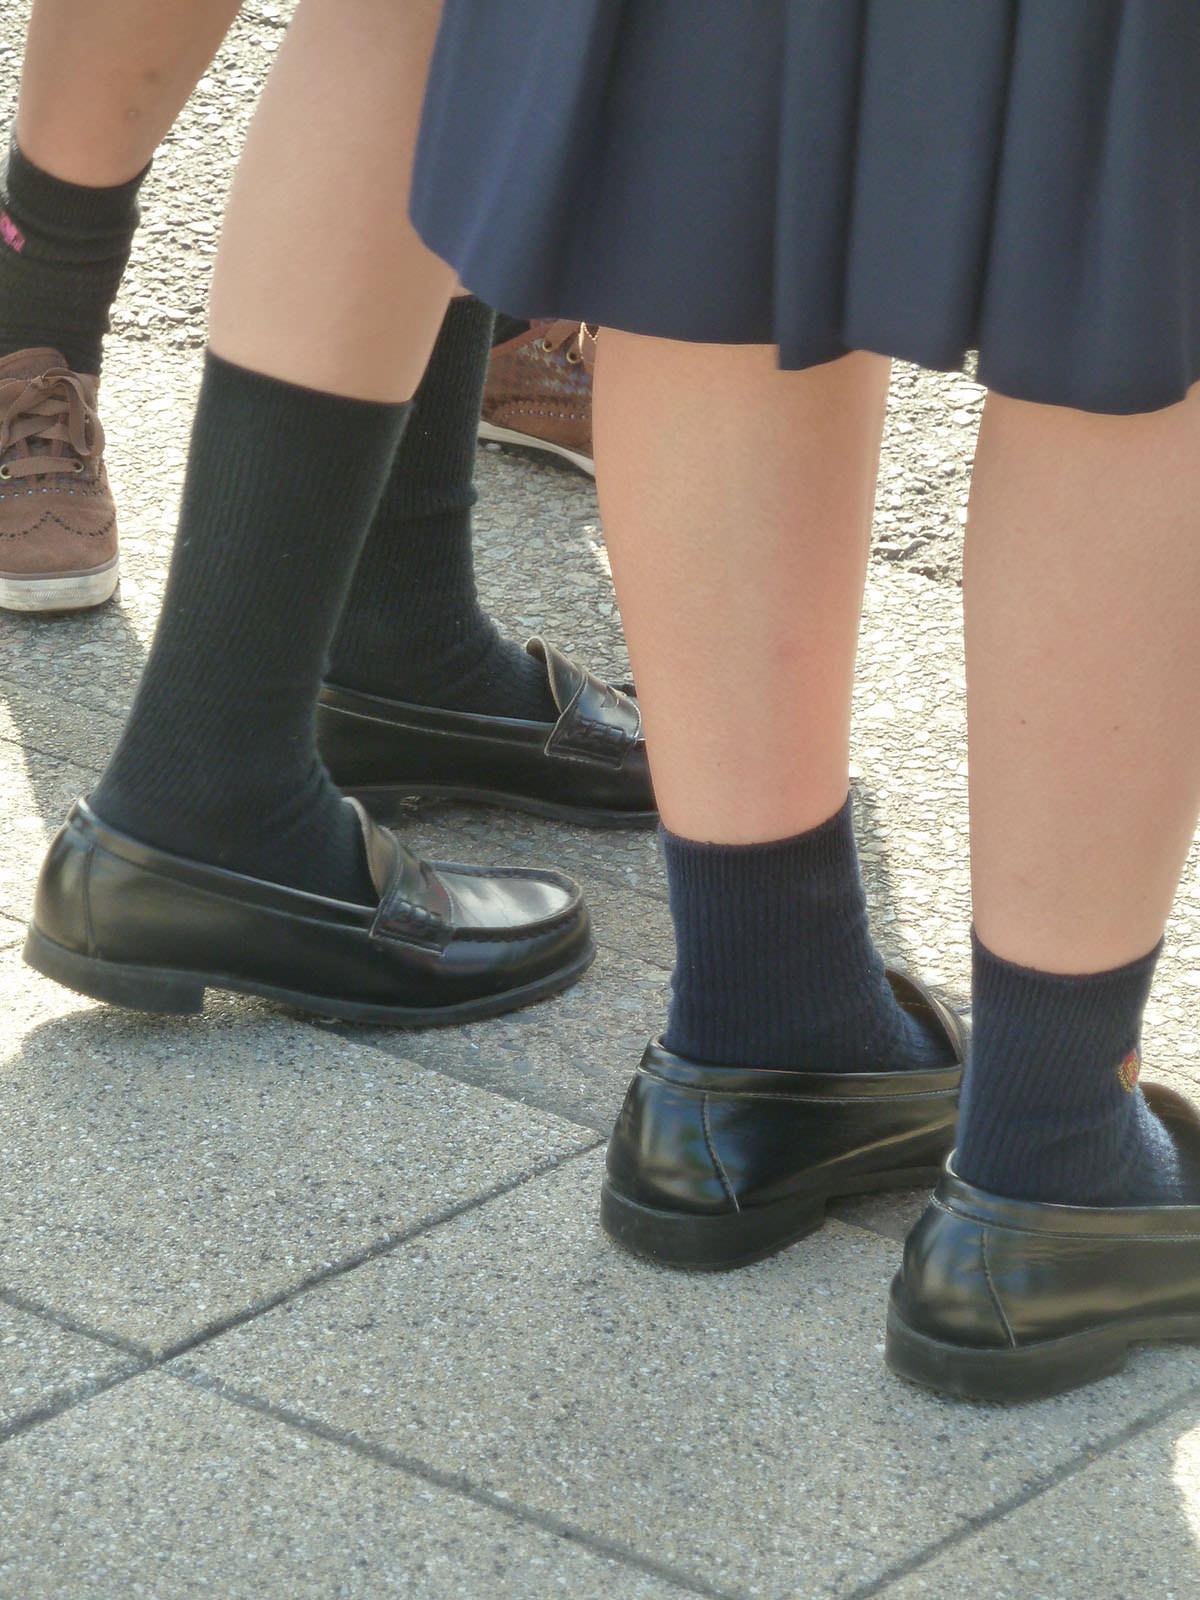 女子高生の足首あたりにめっちゃ興奮するフェチ画像 uW5zrlv